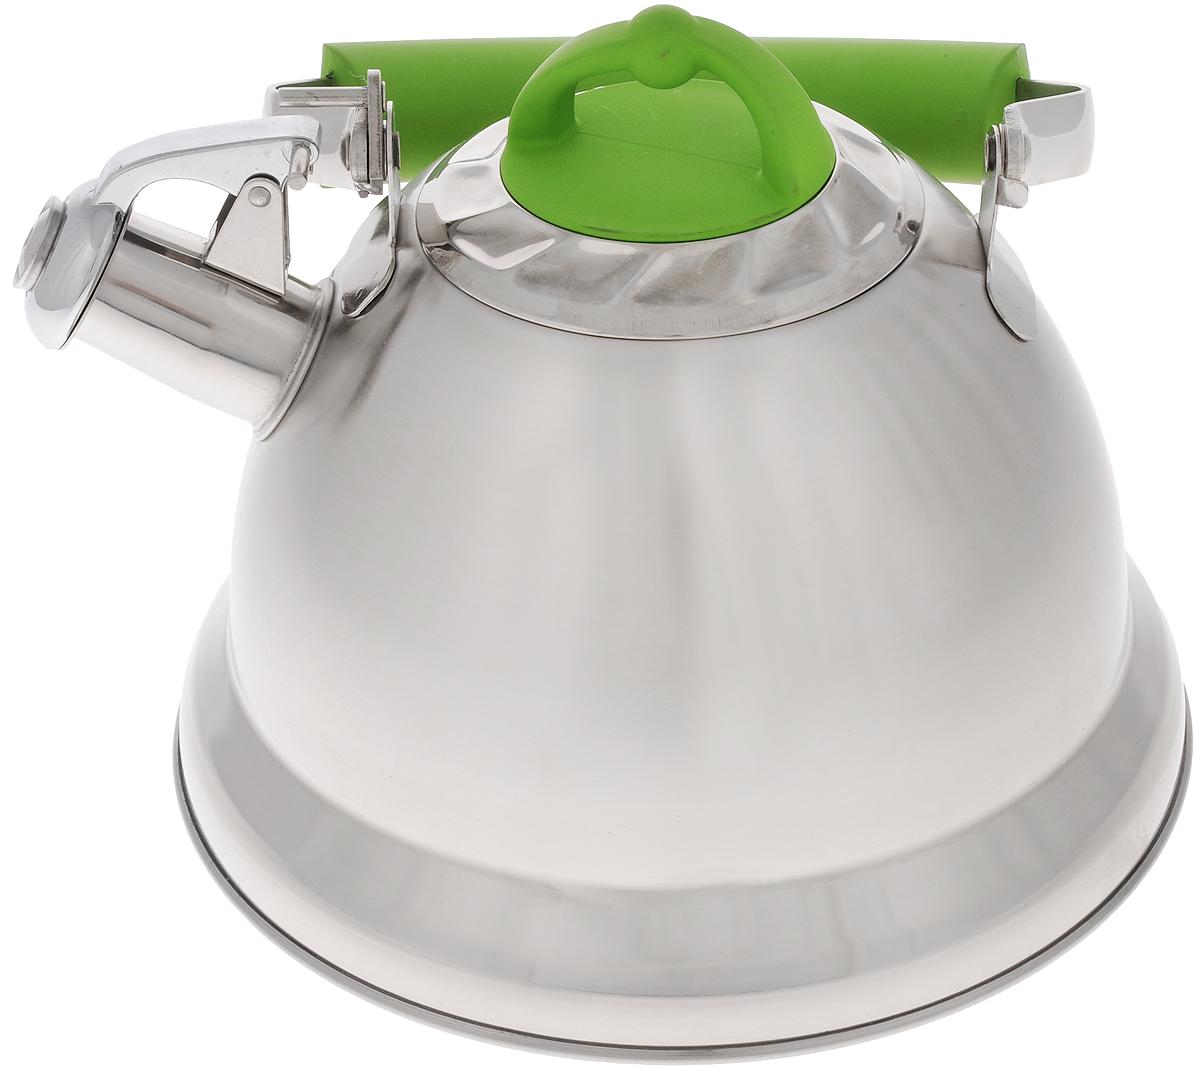 Чайник Mayer & Boch, со свистком, цвет: стальной, светло-зеленый, 3,2 л. 2278122781Чайник Mayer & Boch изготовлен из высококачественной нержавеющей стали, что делает его весьма гигиеничным и устойчивым к износу при длительном использовании. Капсулированное дно обеспечивает равномерный и быстрый нагрев, поэтому вода закипает гораздо быстрее, чем в обычных чайниках. Чайник оснащен откидным свистком, звуковой сигнал которого подскажет, когда закипит вода. Подвижная ручка из стали и бакелита дает дополнительное удобство при разлитии напитка. Чайник Mayer & Boch идеально впишется в интерьер любой кухни и станет замечательным подарком к любому случаю. Подходит для газовых, стеклокерамических, индукционных и электрических плит. Можно мыть в посудомоечной машине. Высота чайника (без учета ручки и крышки): 13,5 см. Высота чайника (с учетом ручки и крышки): 24 см. Диаметр чайника (по верхнему краю): 10,5 см.